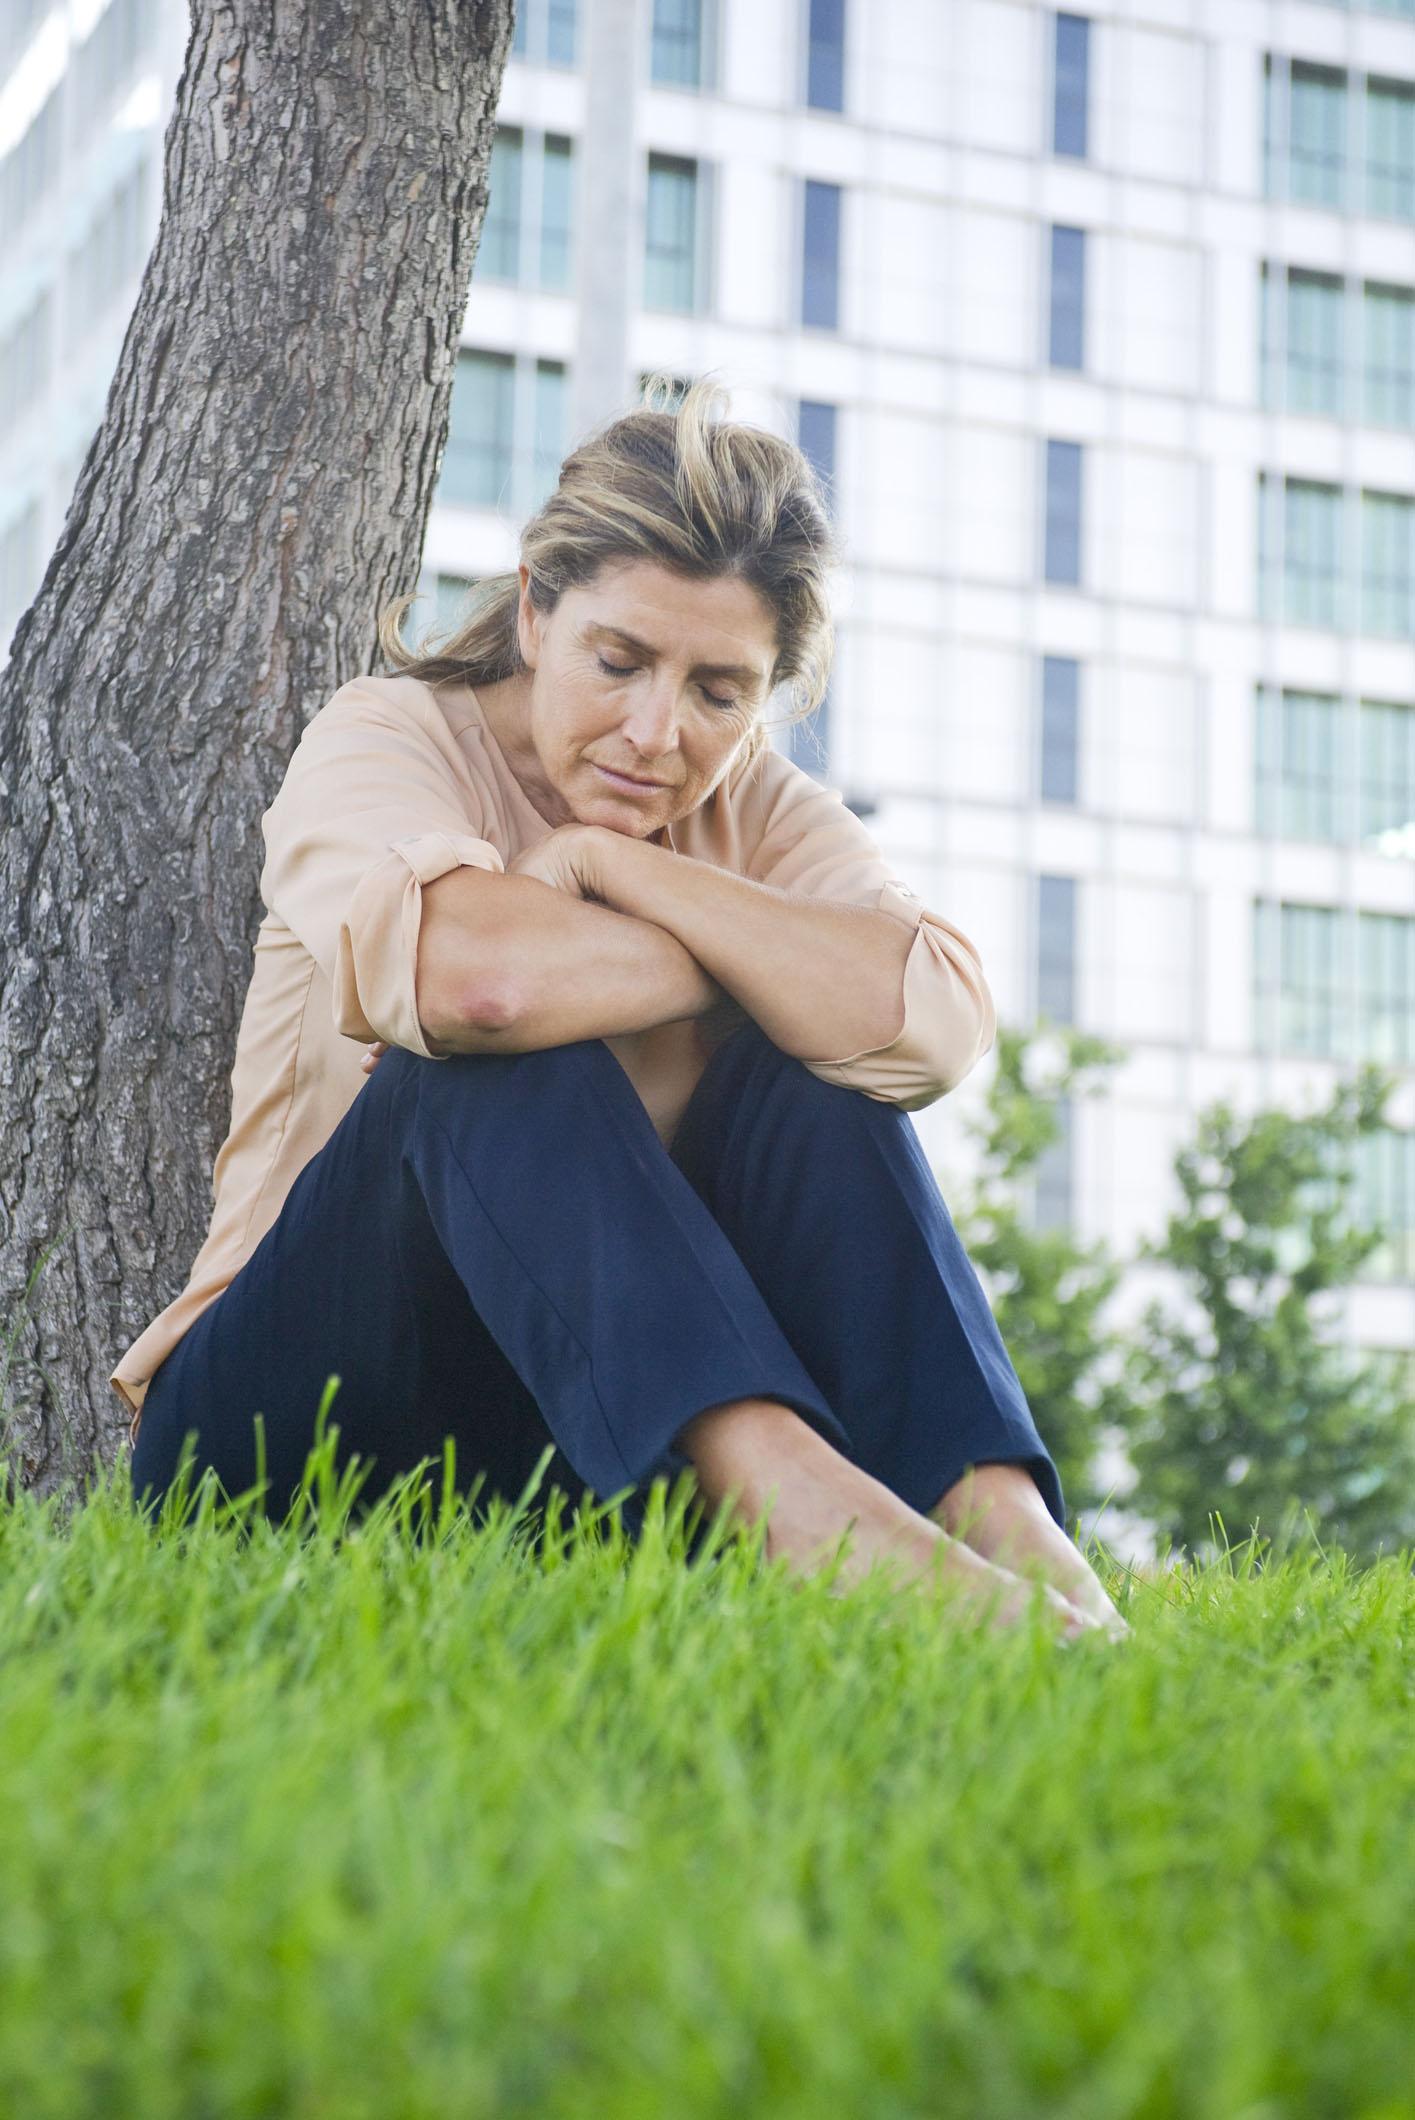 Viele Frauen leiden in den Wechseljahren unter belastenden Beschwerden. Nicht selten steckt aber auch eine Schilddrüsenstörung dahinter.